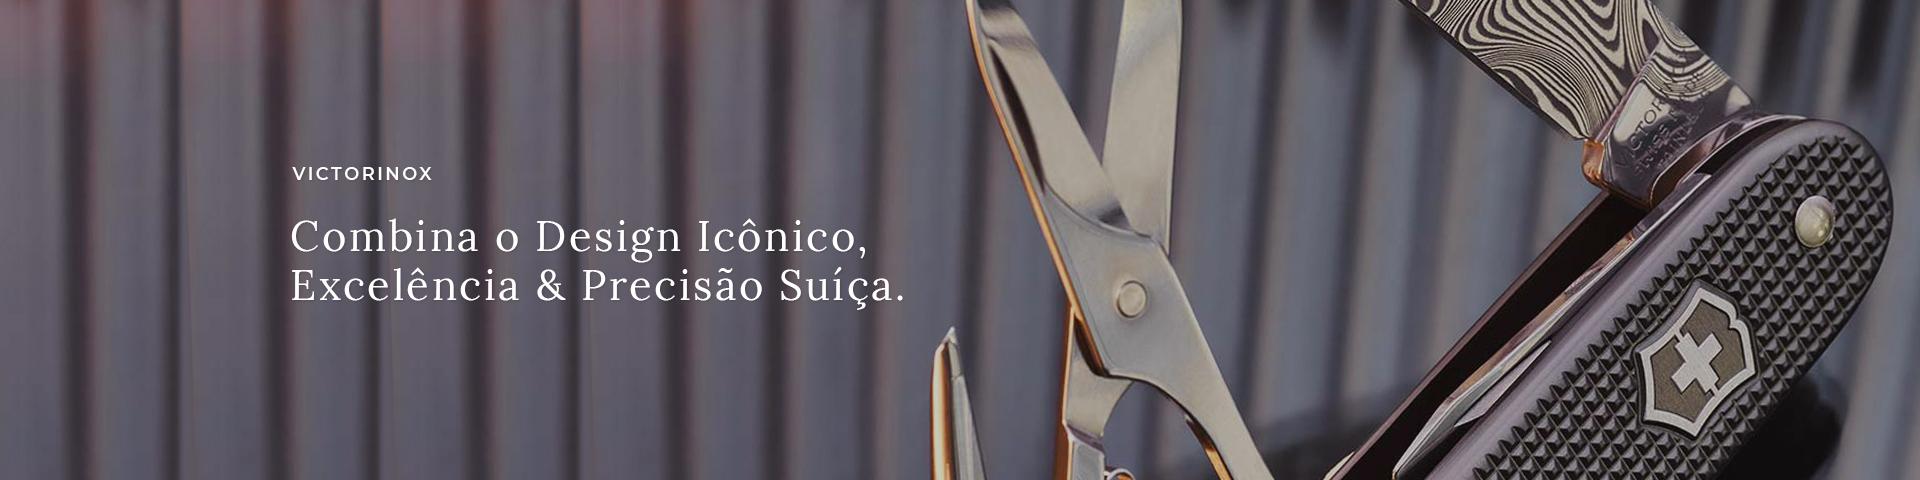 Categoria Canivete Victorinox